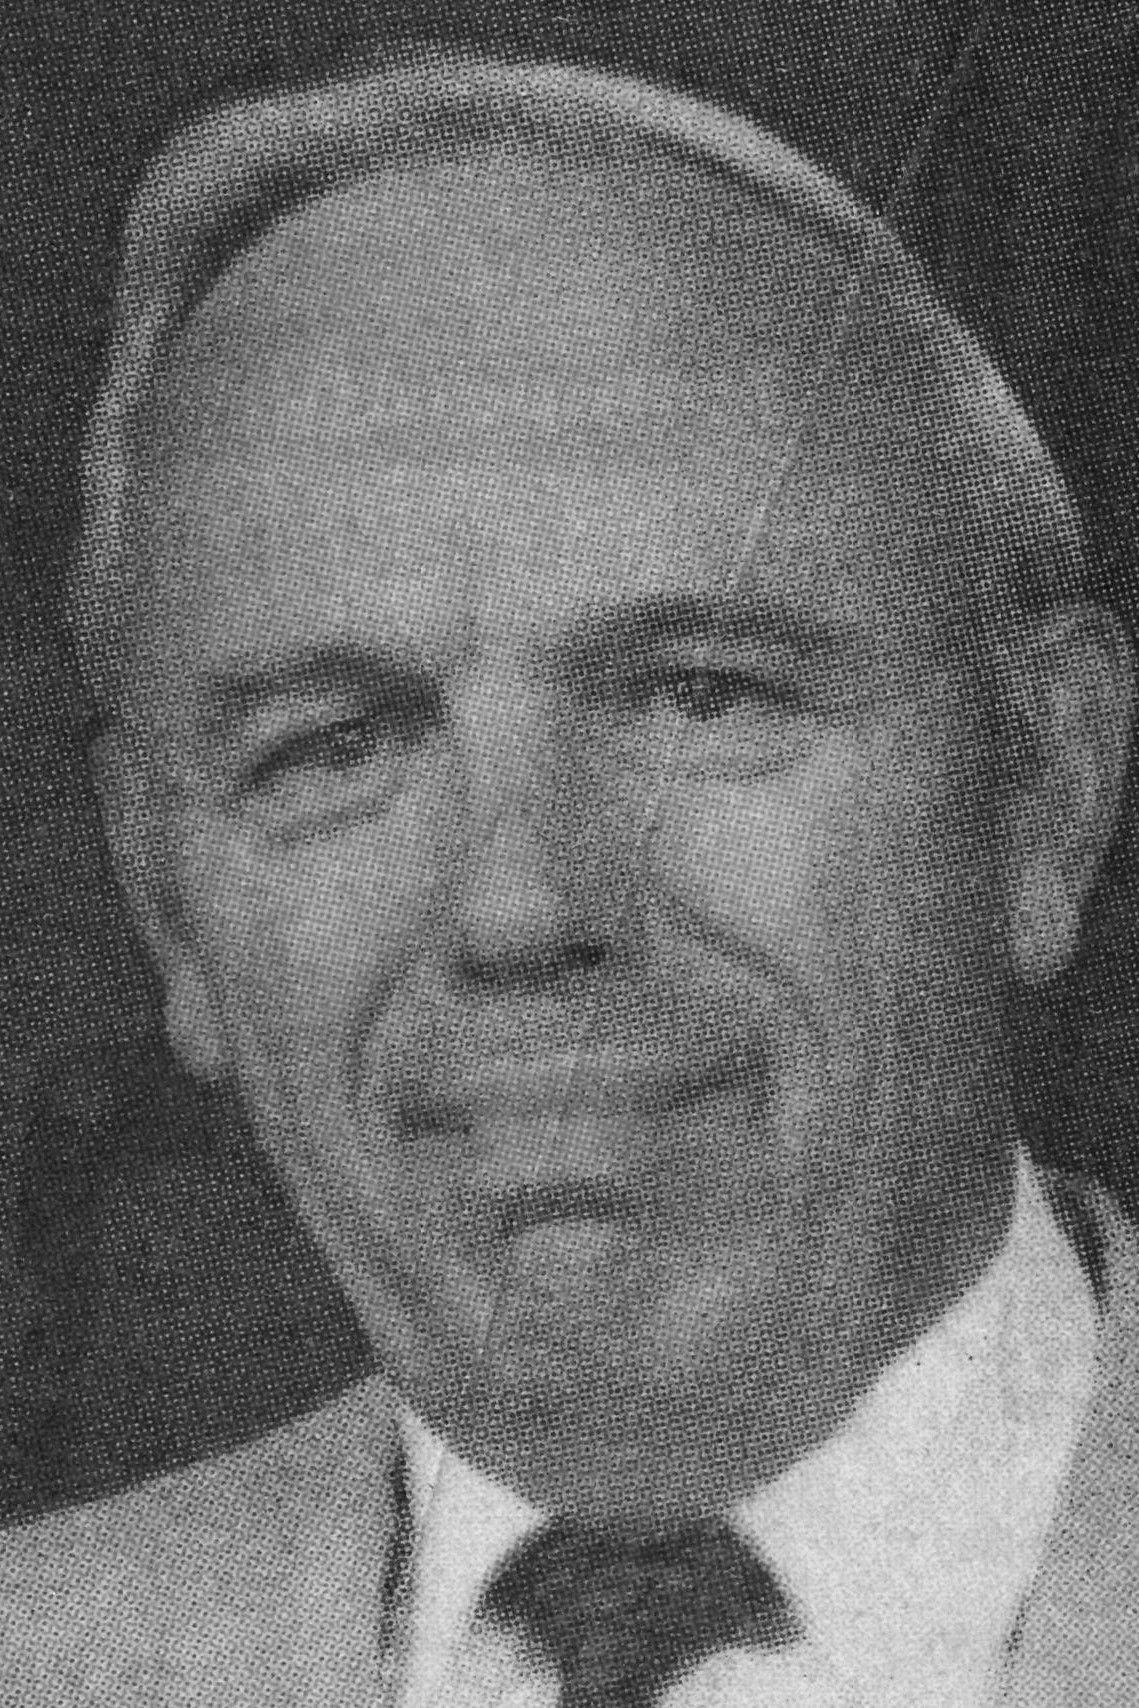 Dean Krentz